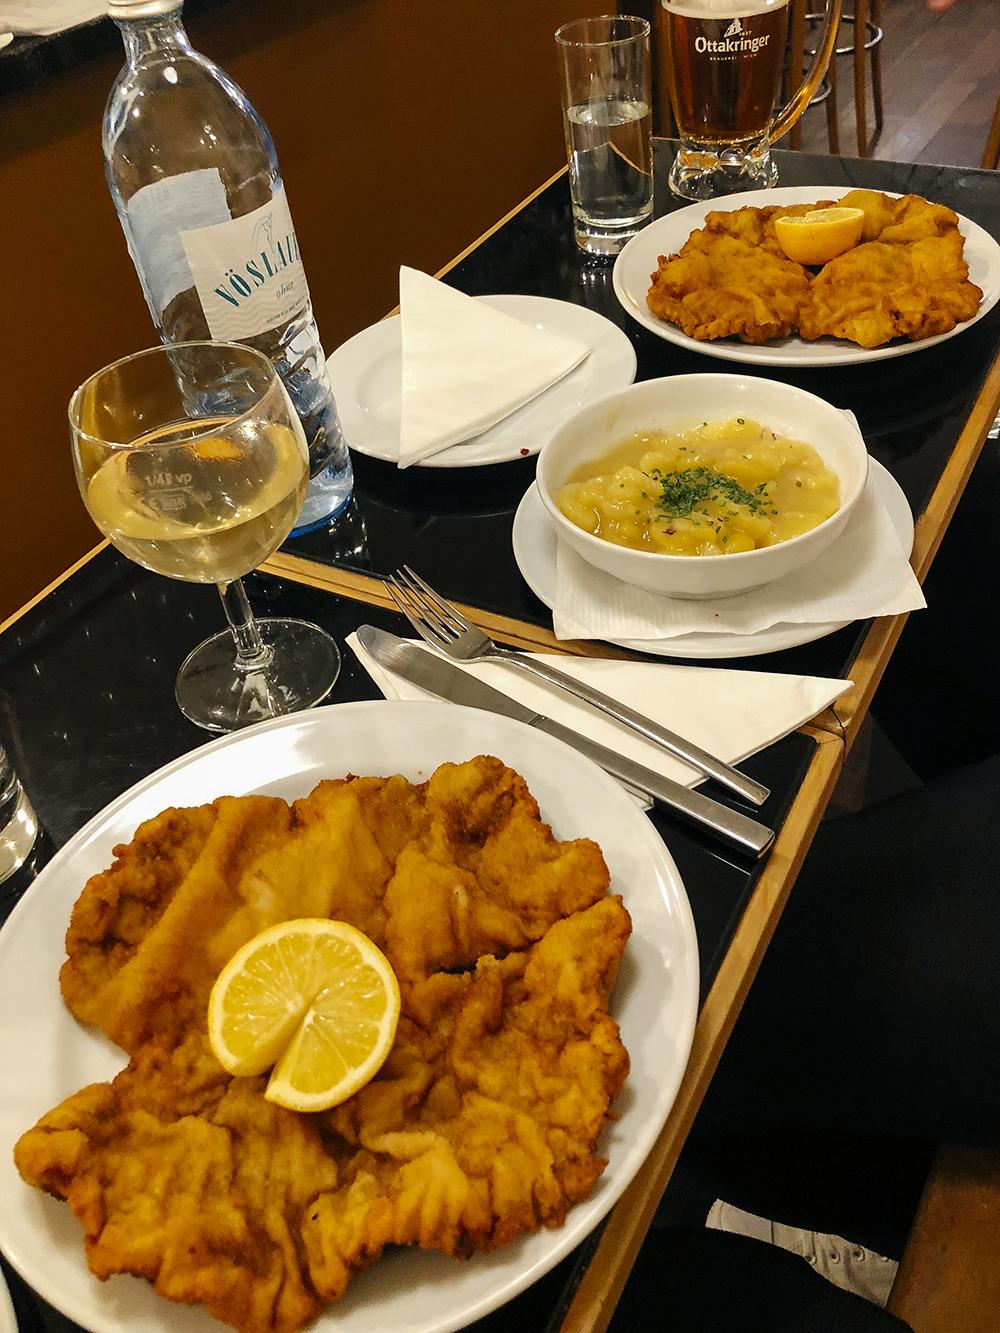 Schnitzel & Potato Salad at Gasthaus Poschel